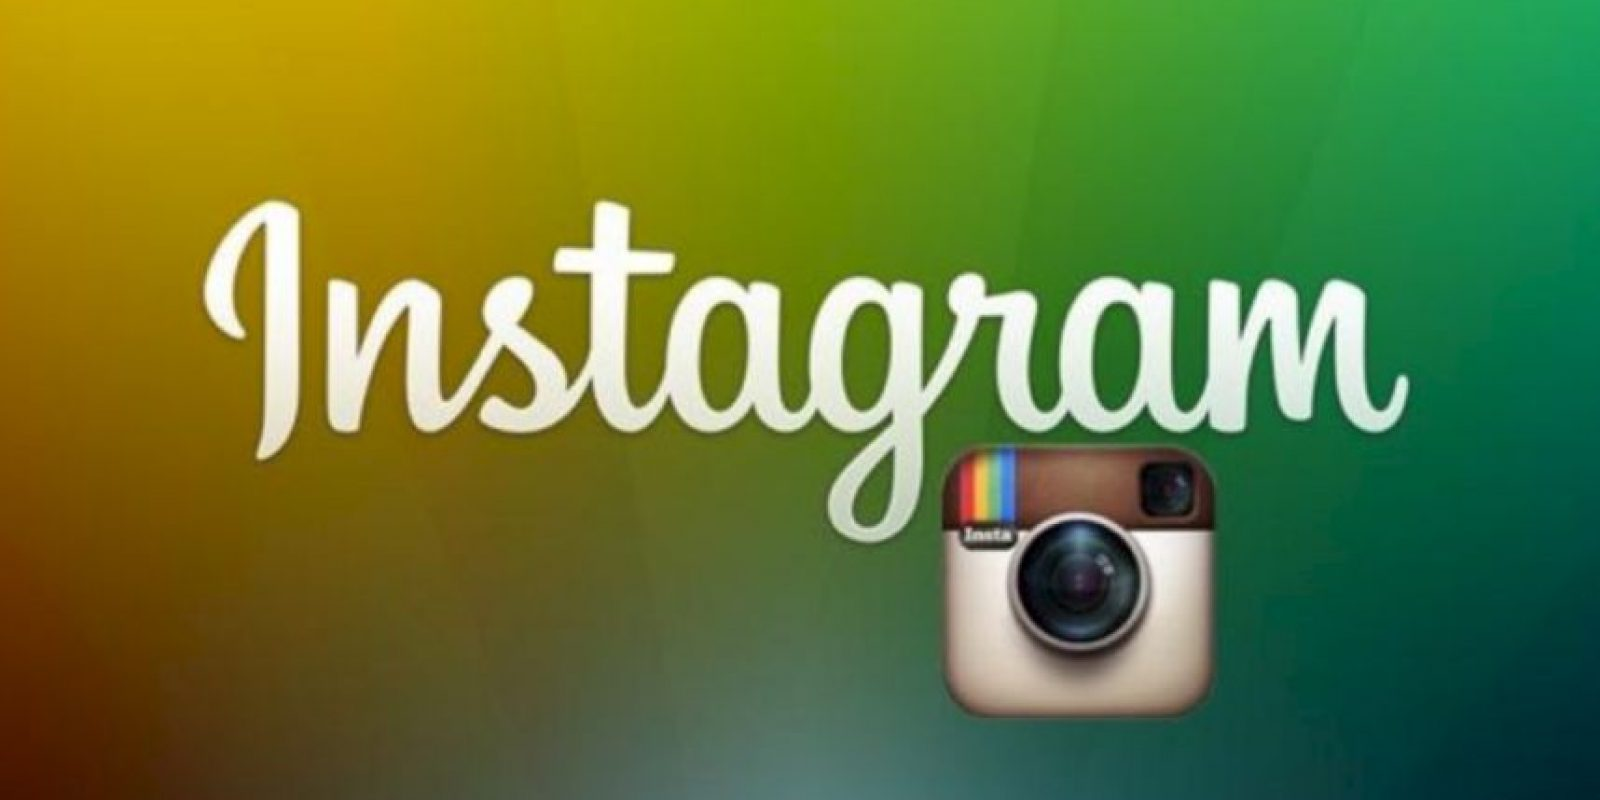 Instagram añadió nuevas herramientas de edición de fotos en su plataforma, además ya pueden usar emojis en comentarios y nombre de fotos Foto:Instagram